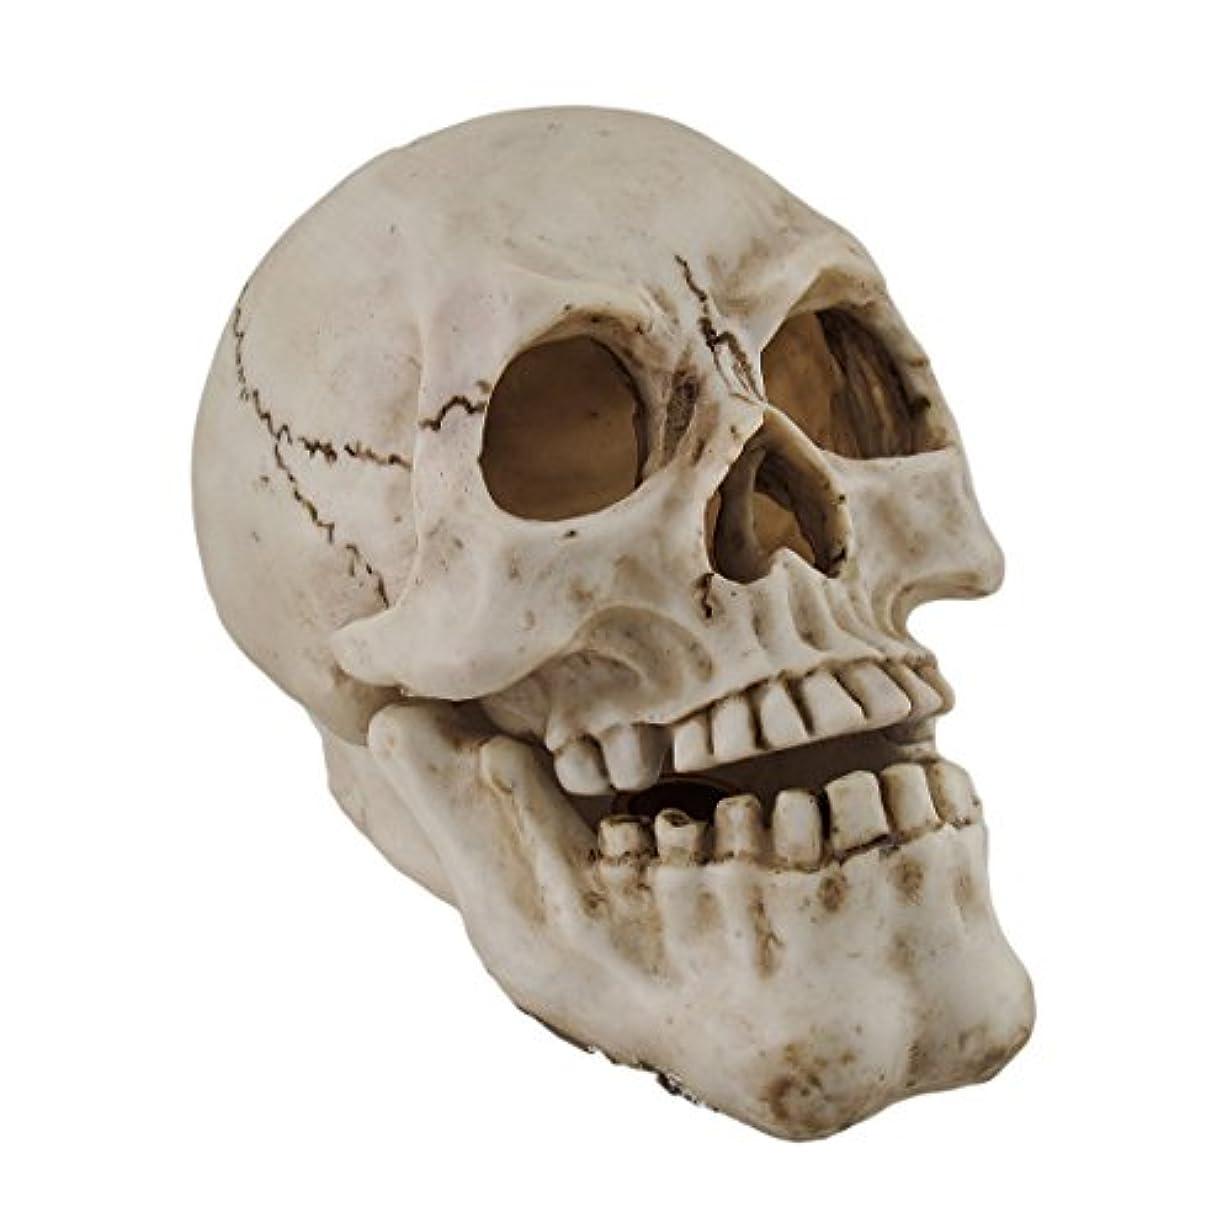 モロニック毎年ベーシック樹脂IncenseホルダーHuman Skull Shaped Incense Burnerボックス7.75 X 5.75 X 4.5インチホワイトモデル# pwh-63